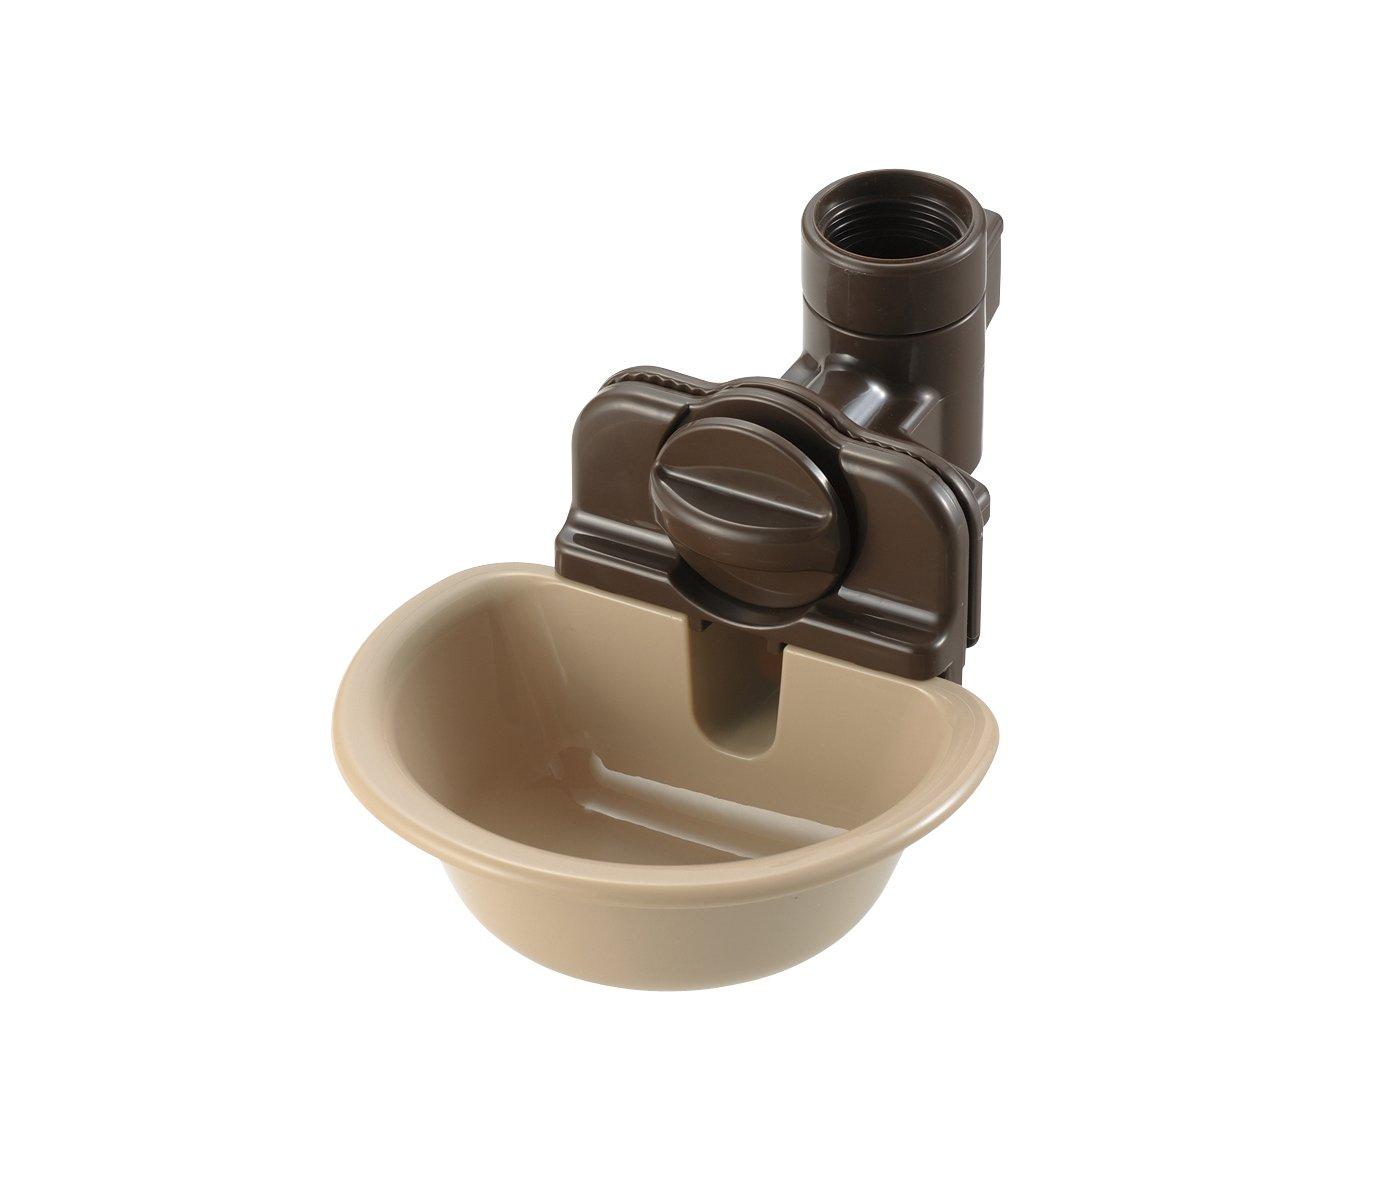 リッチェル ウォーターディッシュ S ブラウン product image